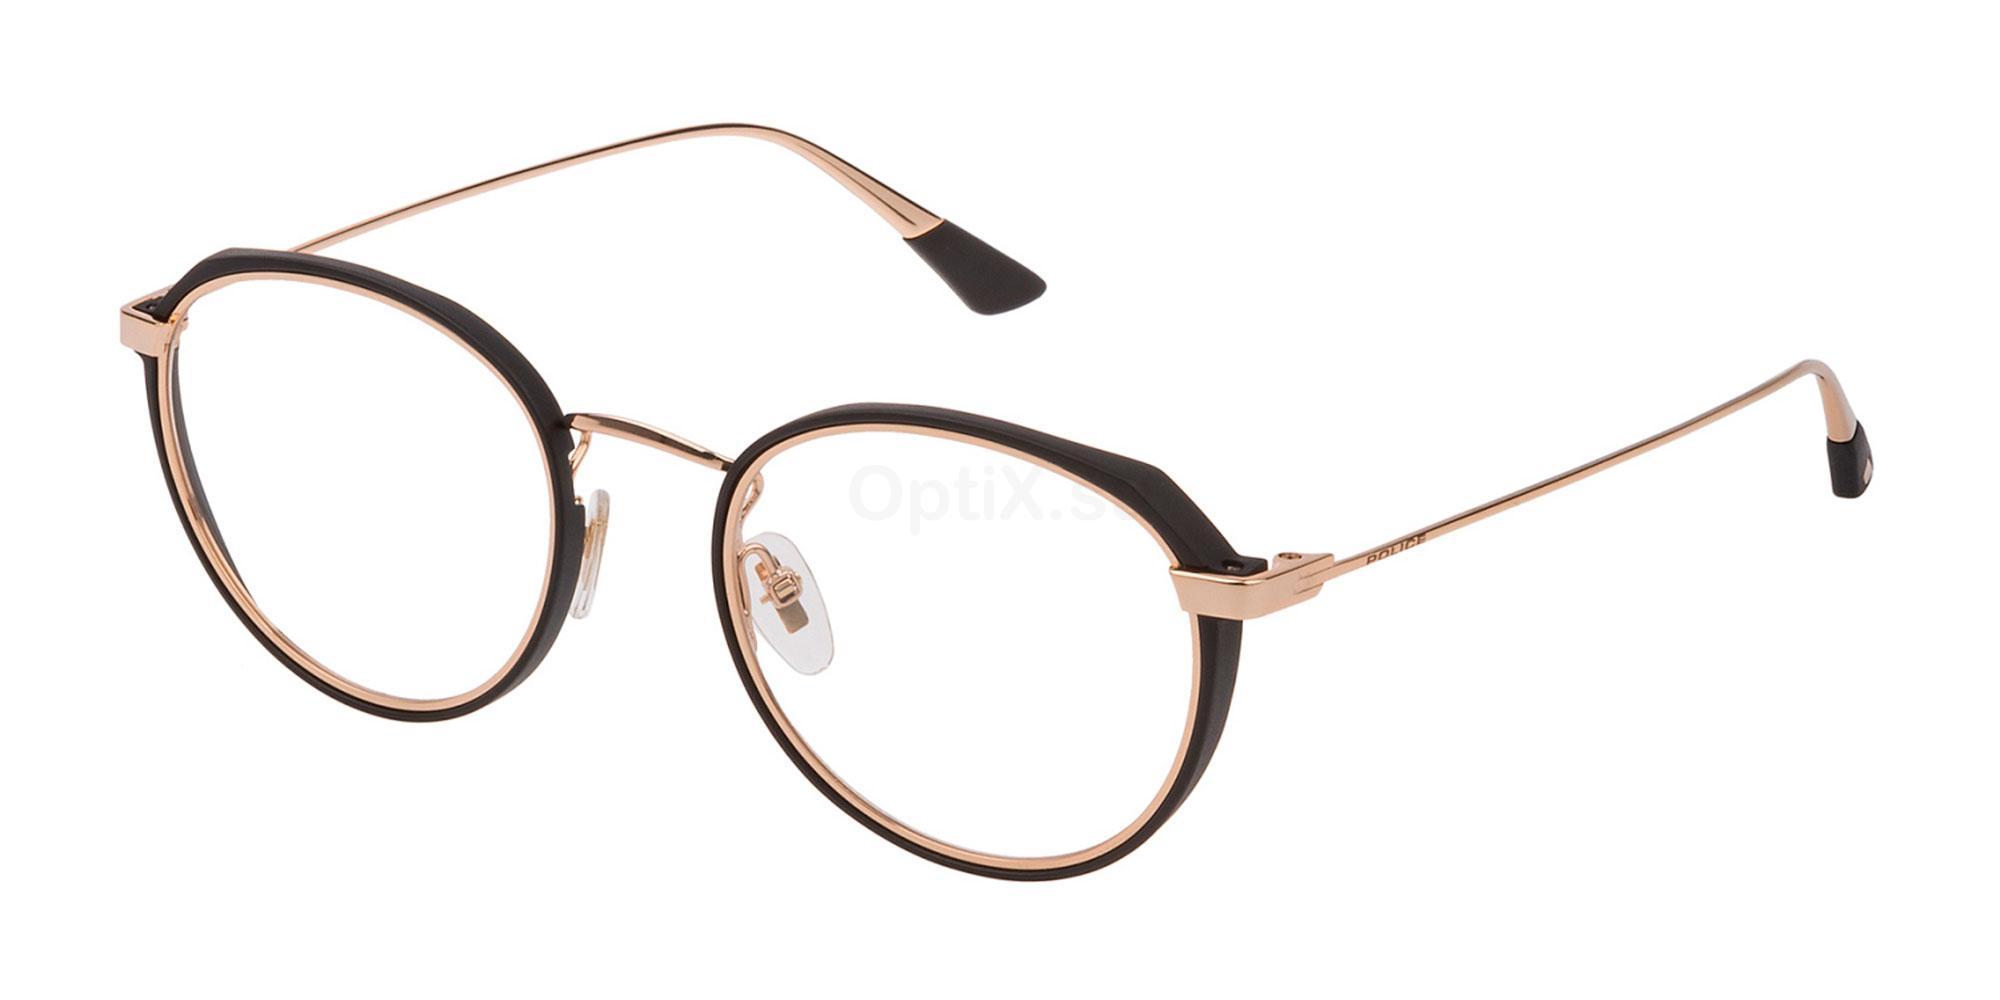 0300 VPL803 Glasses, Police